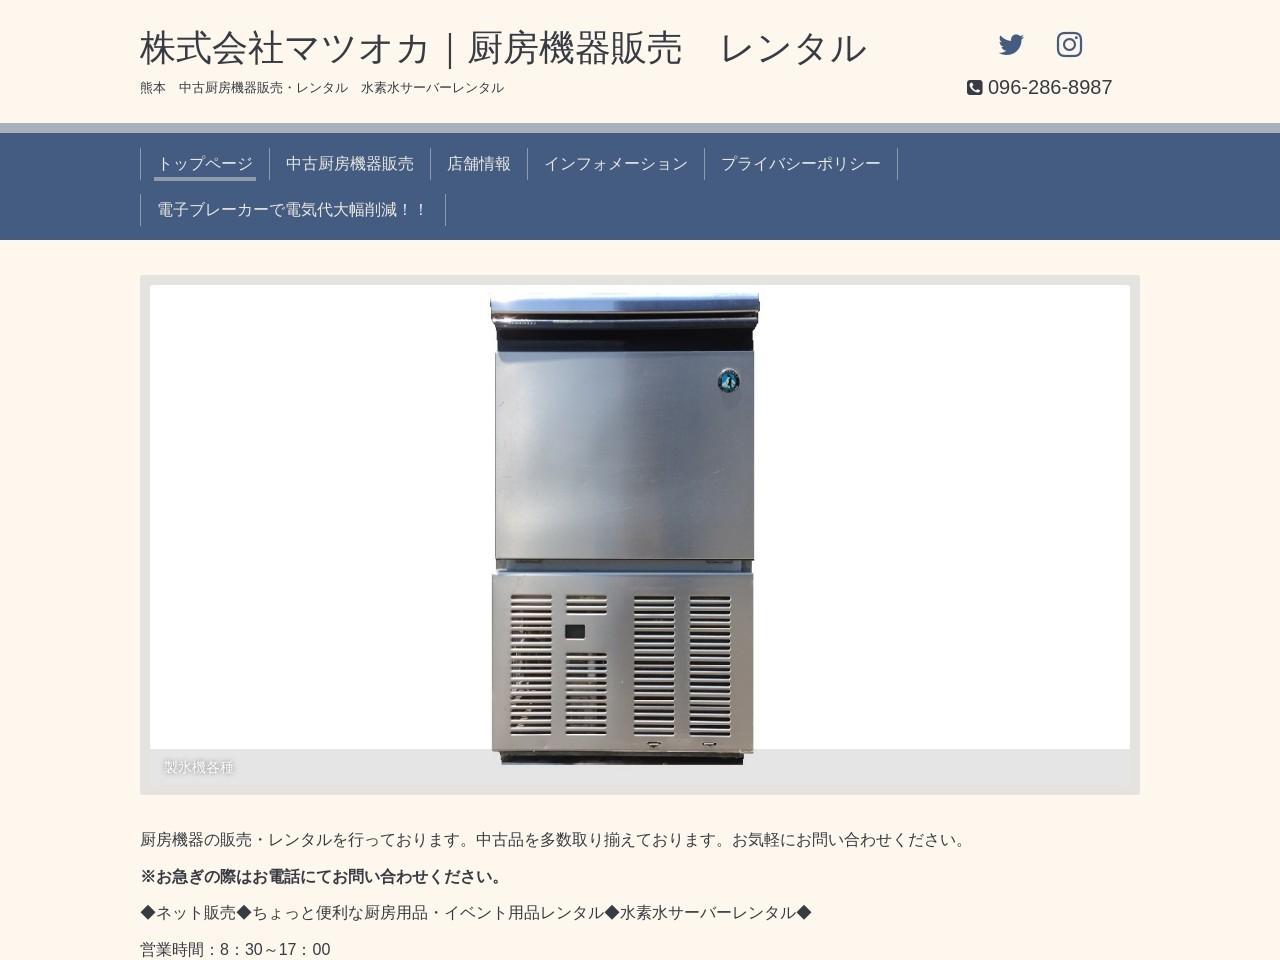 株式会社マツオカ 厨房機器レンタル